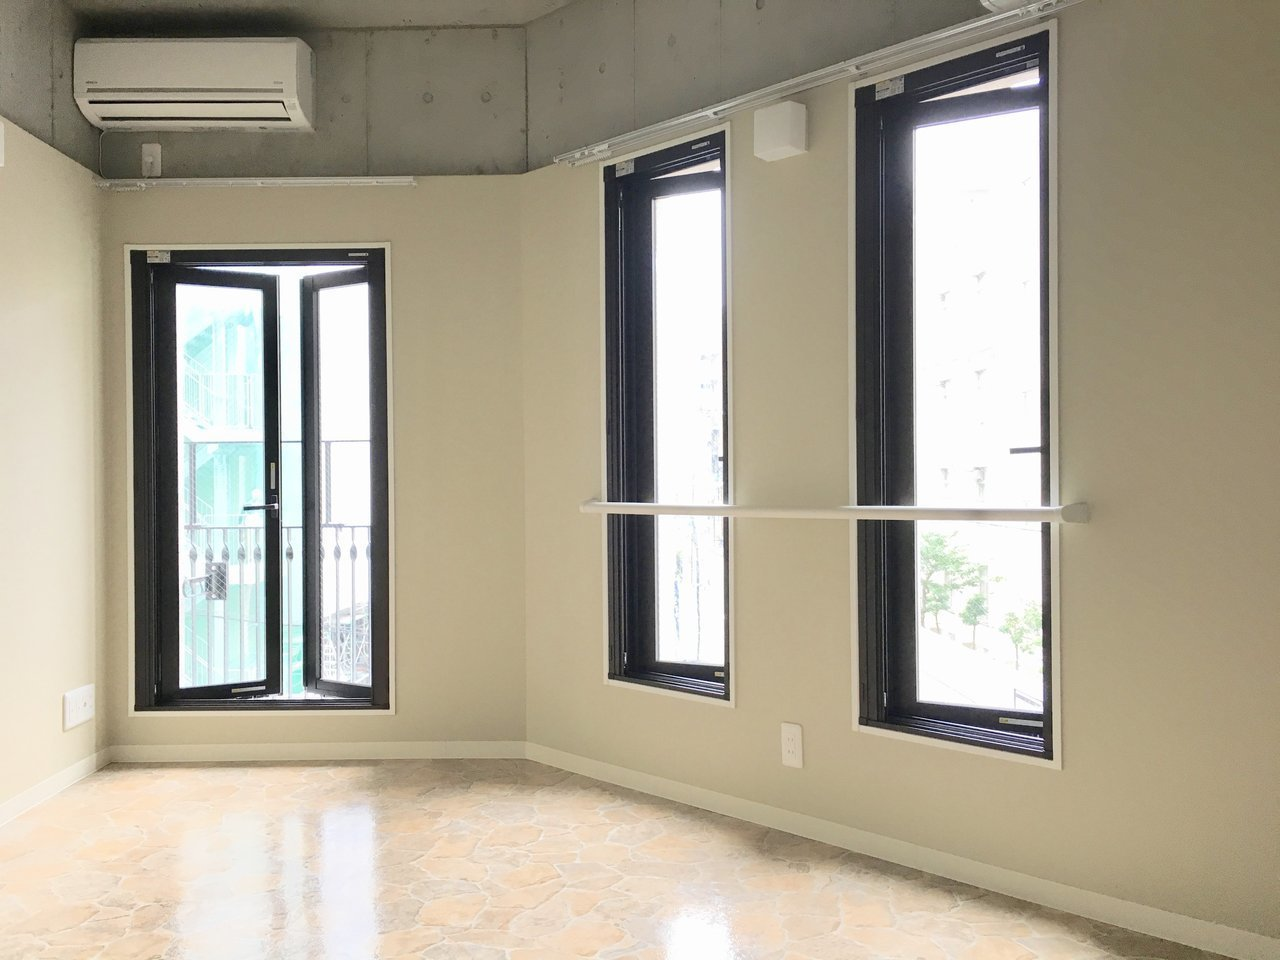 少し変わった台形の間取り。窓が3枚あるので、室内の明るさは十分です。